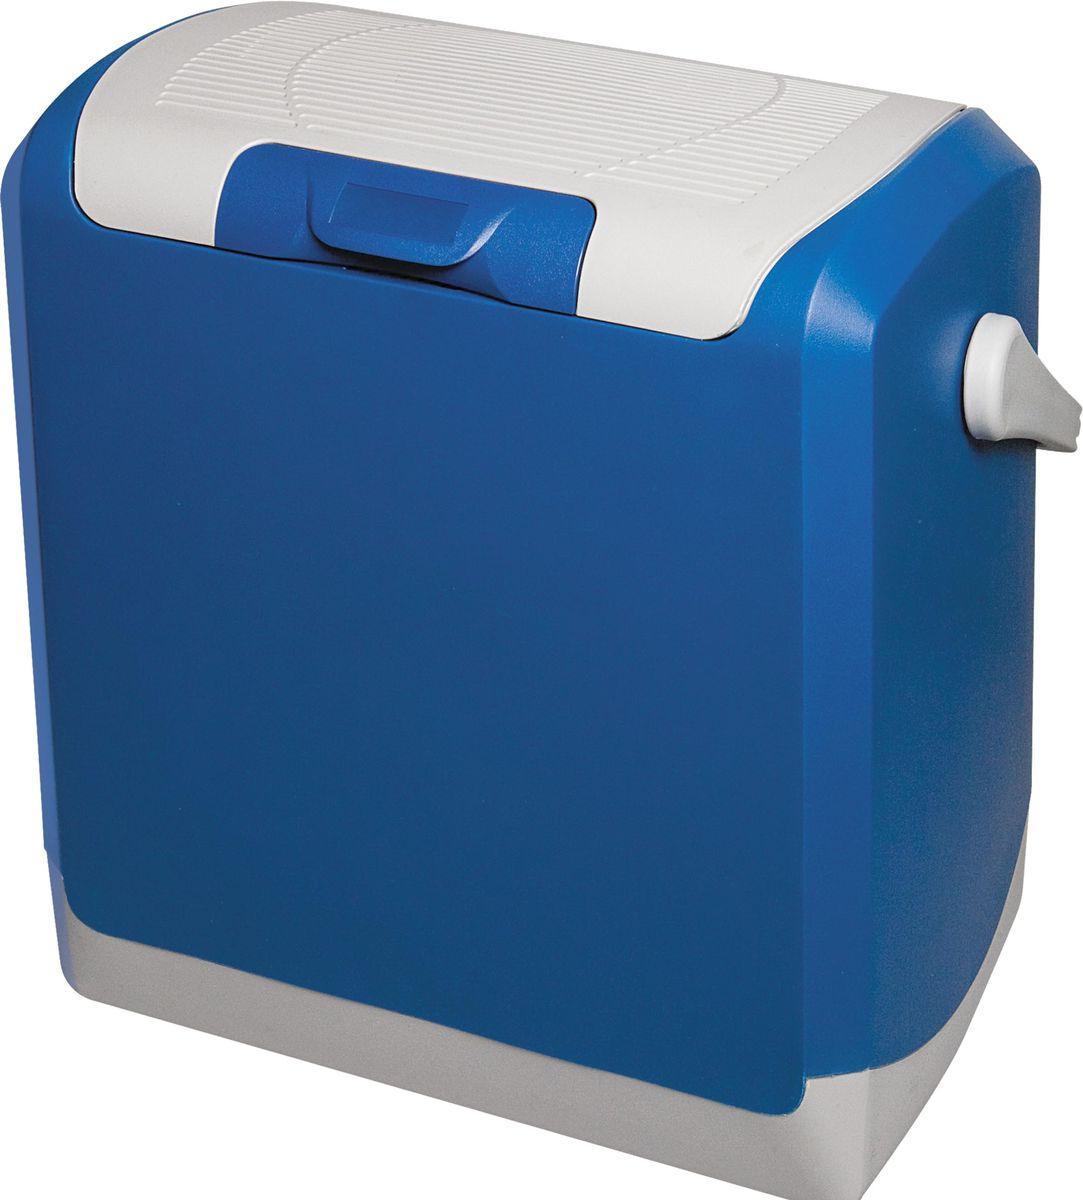 Холодильник-подогреватель термоэлектрический Zipower, 14л, 12В, 40Вт. PM 5047CDF-36Сумка-холодильник предназначена для сохранения продуктов и напитков прохладными в жаркую погоду. Максимальное охлаждение: 18–25 °C ниже температуры окружающей среды.Работа от бортовой сети автомобиля 12 вольт.Модель оснащена интеллектуальной системой энергосбережения. Система управления питанием выберет нужный режим охлаждения и переведет автохолодильник в режим пониженного энергопотребления. Внутренняя камера изготовлена из экологически чистого пластика, допускается к контакту с пищевыми продуктами и соответствует экологическим стандартам и нормативам. Конструкция крышки и форм-фактор внутренней части корпуса позволяют разместить в вертикальном положении внутри камеры бутылки объемом до 2 литров.Напряжение: 12 ВМаксимальный нагрев: до 65 °CМощность охлаждения/нагрева: 40 ВтОбъем: 14 лРазмеры: 383 х 254 х 425 ммВес: 3,5 кгВерхнее расположение вентилятораПодключается к бытовой сети через адаптер РМ0515 (поставляетсяотдельно)